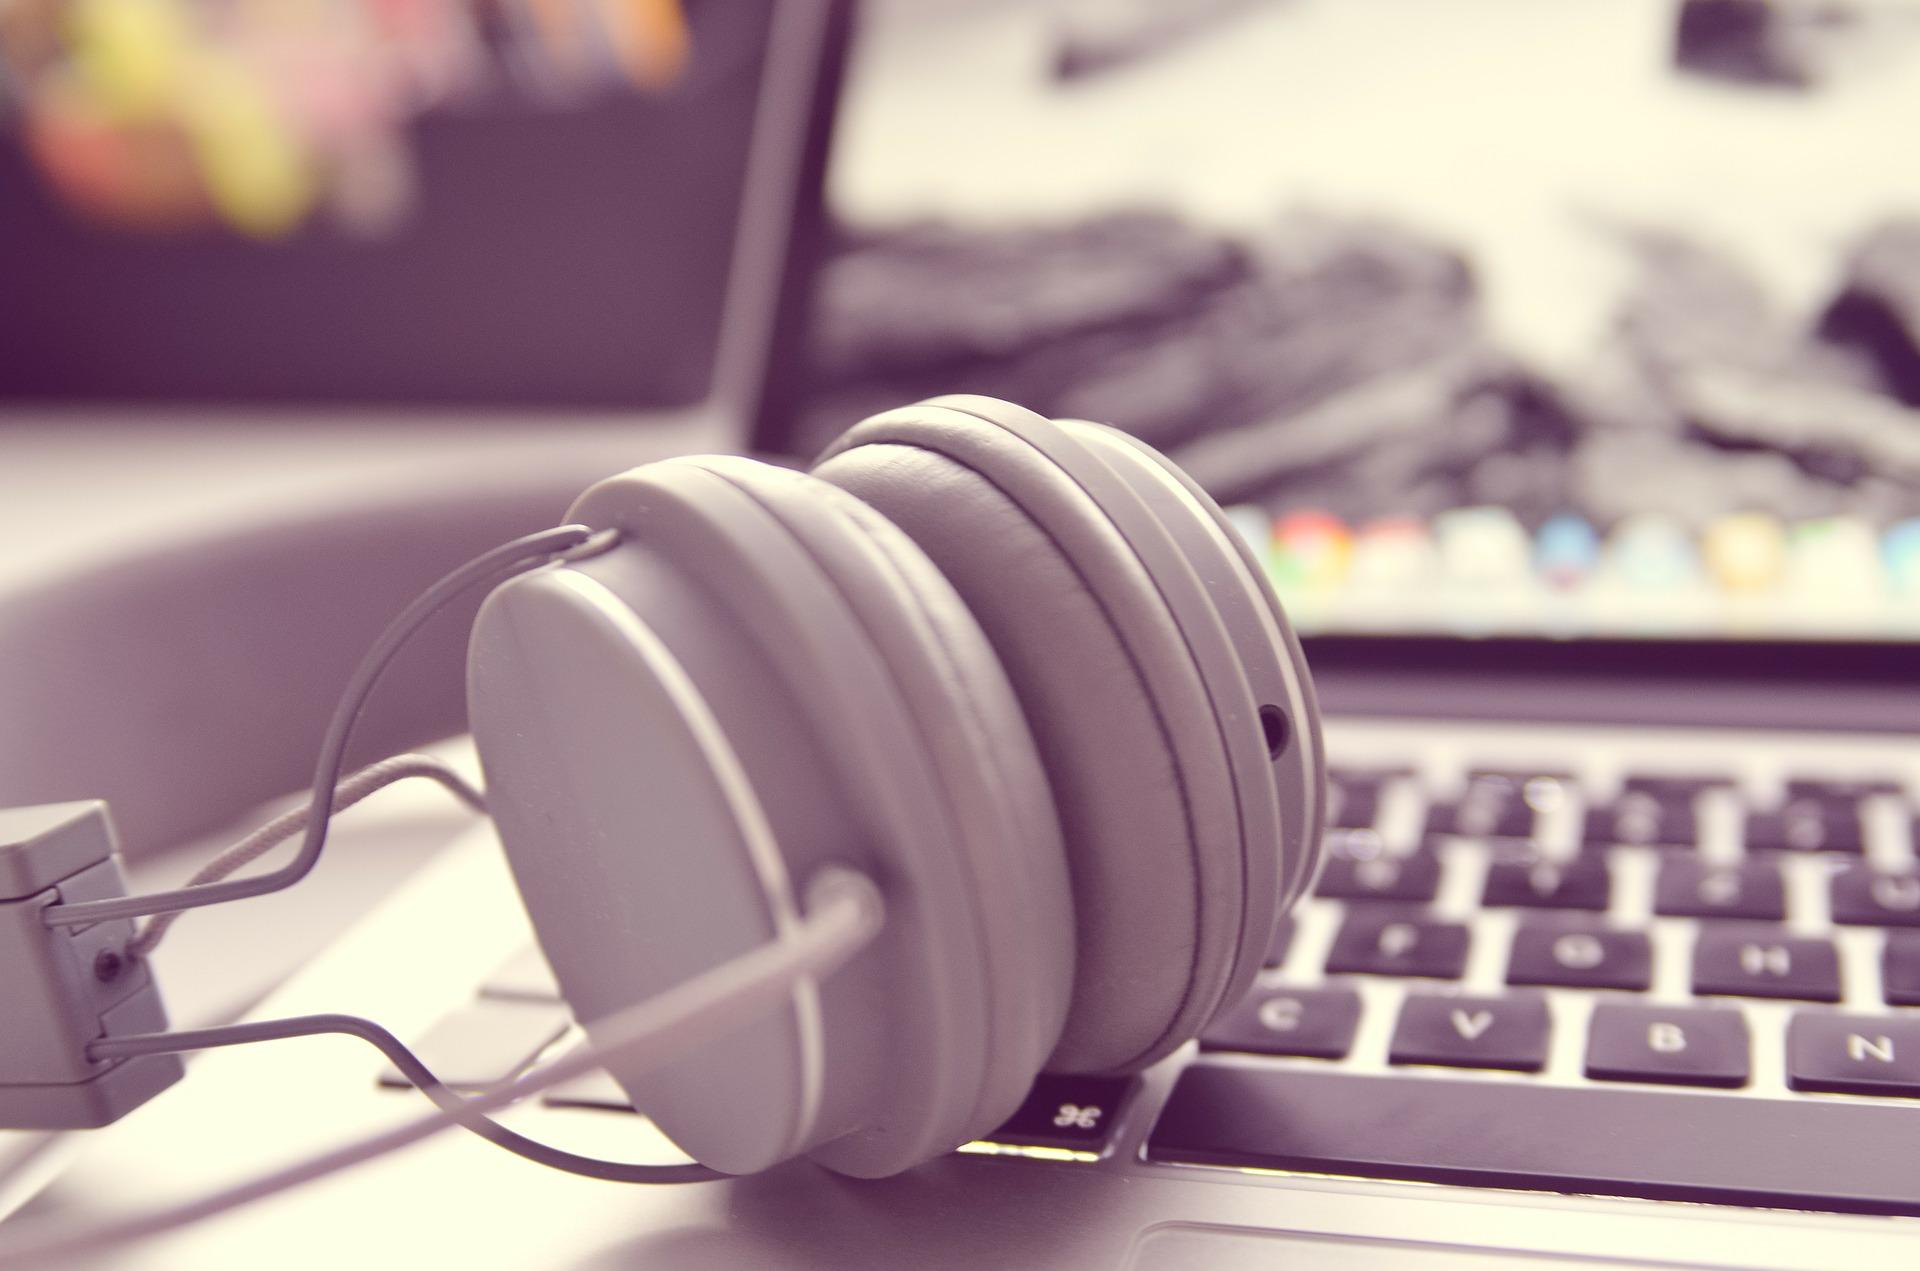 headphones and laptop